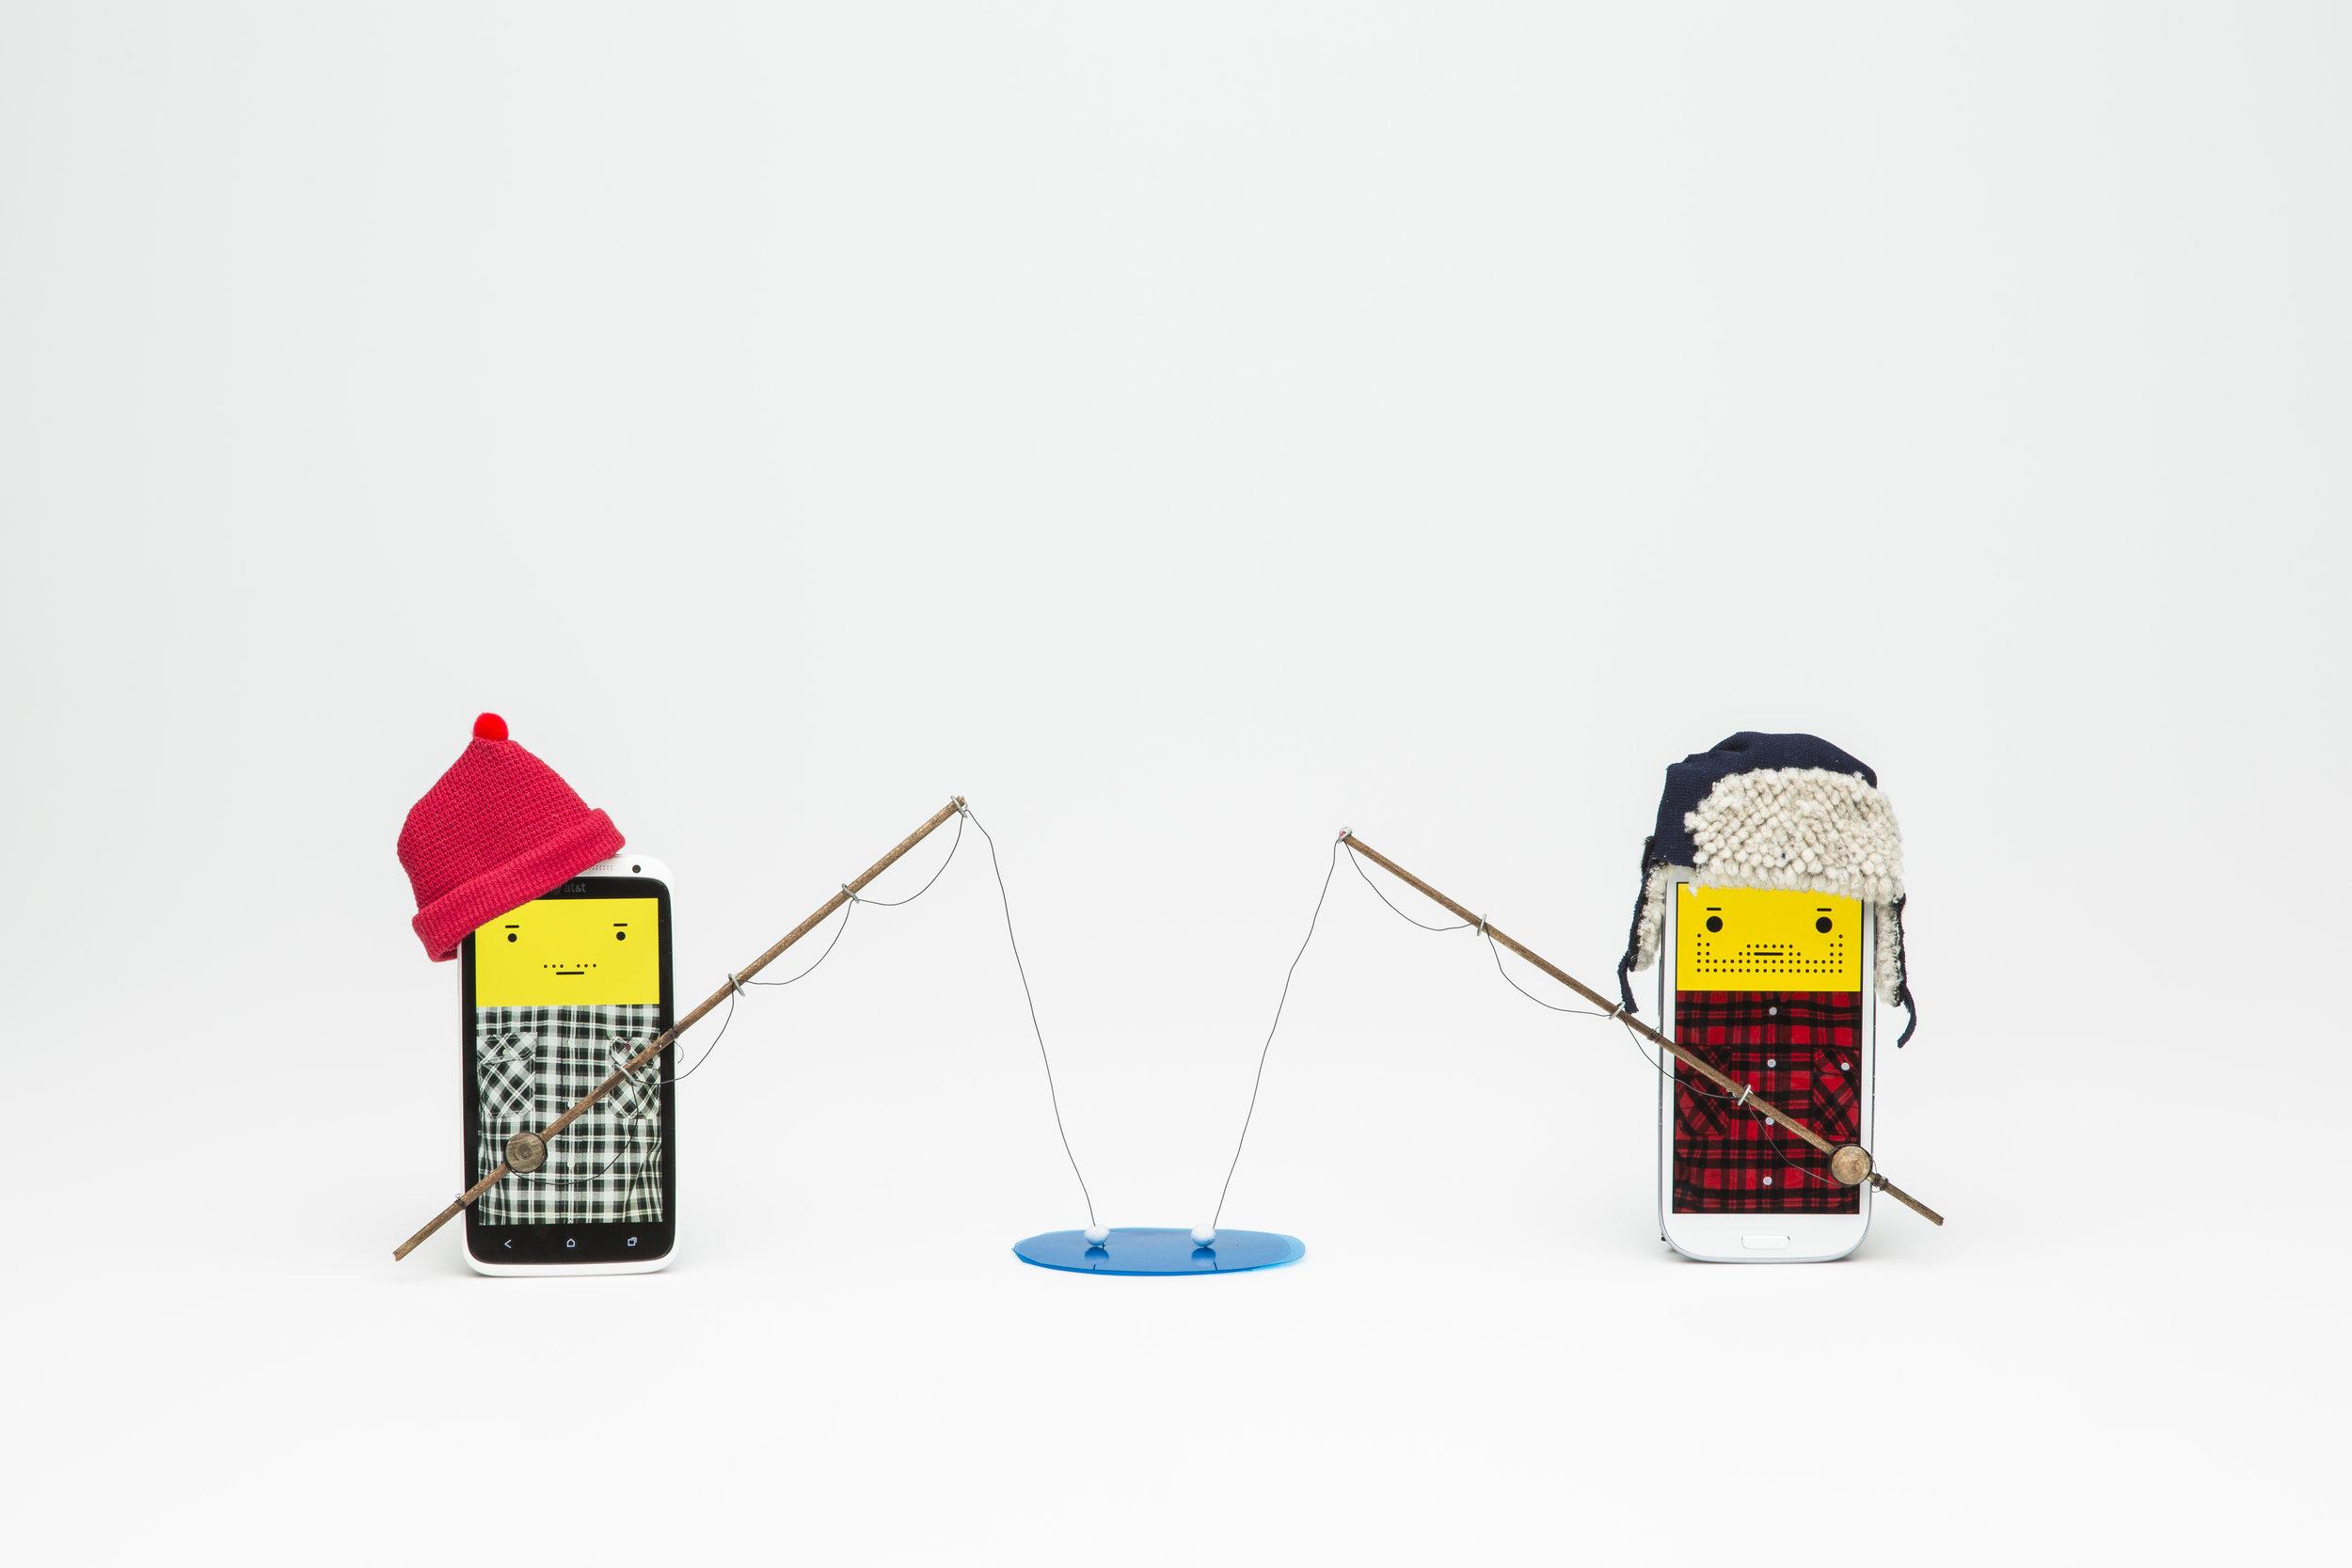 ATT-ICE FISHING-12.18.12-6.jpg